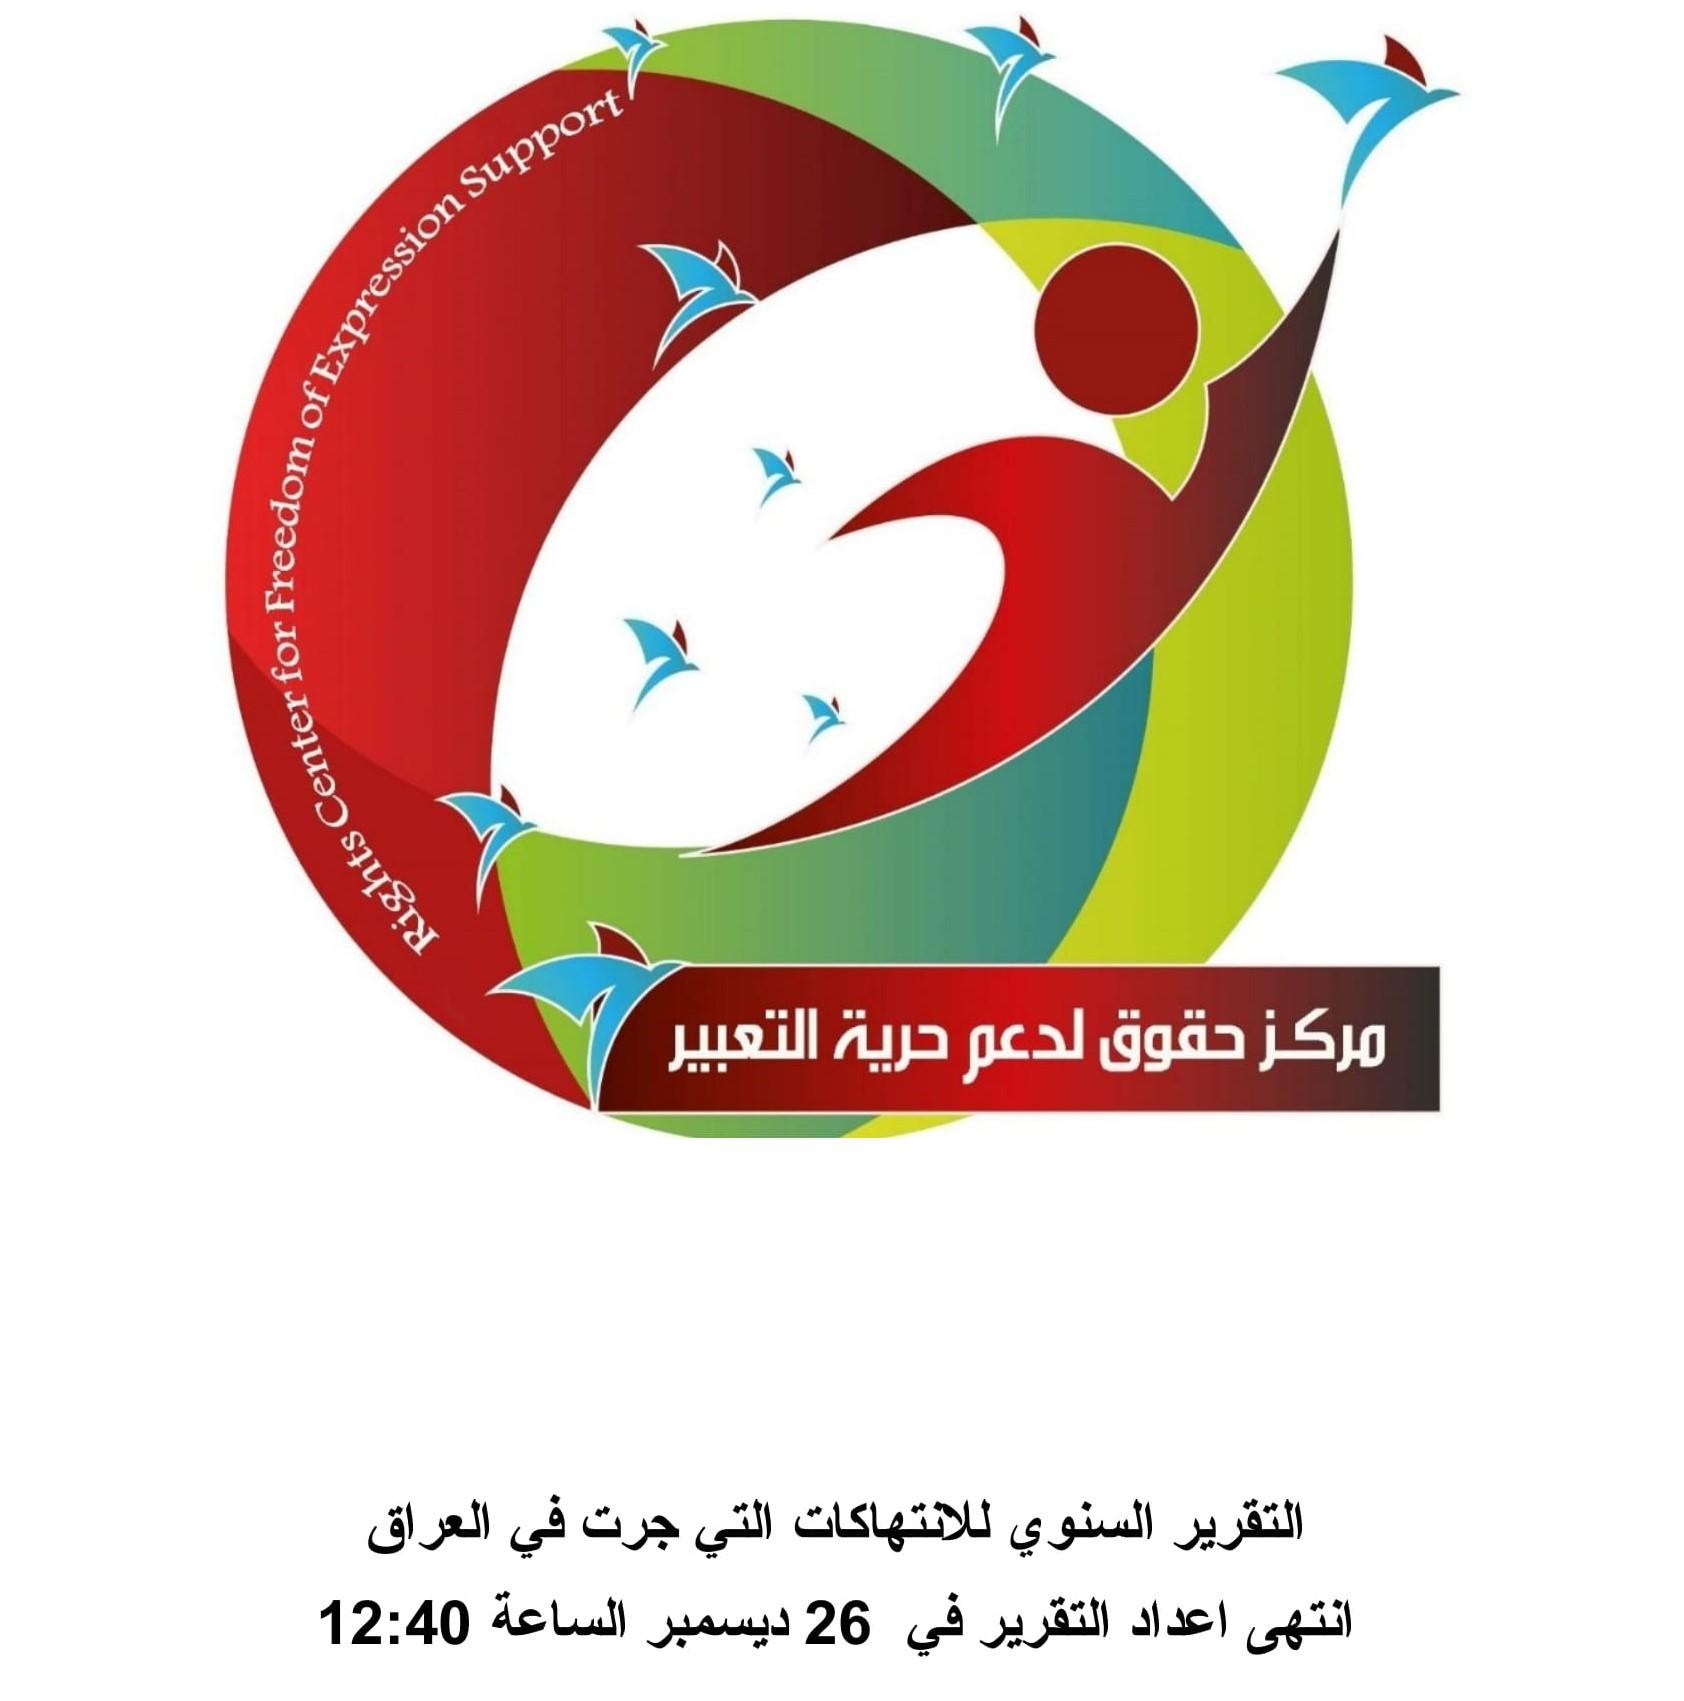 التقرير السنوي للانتهاكات التي جرت في العراق خلال عام 2020